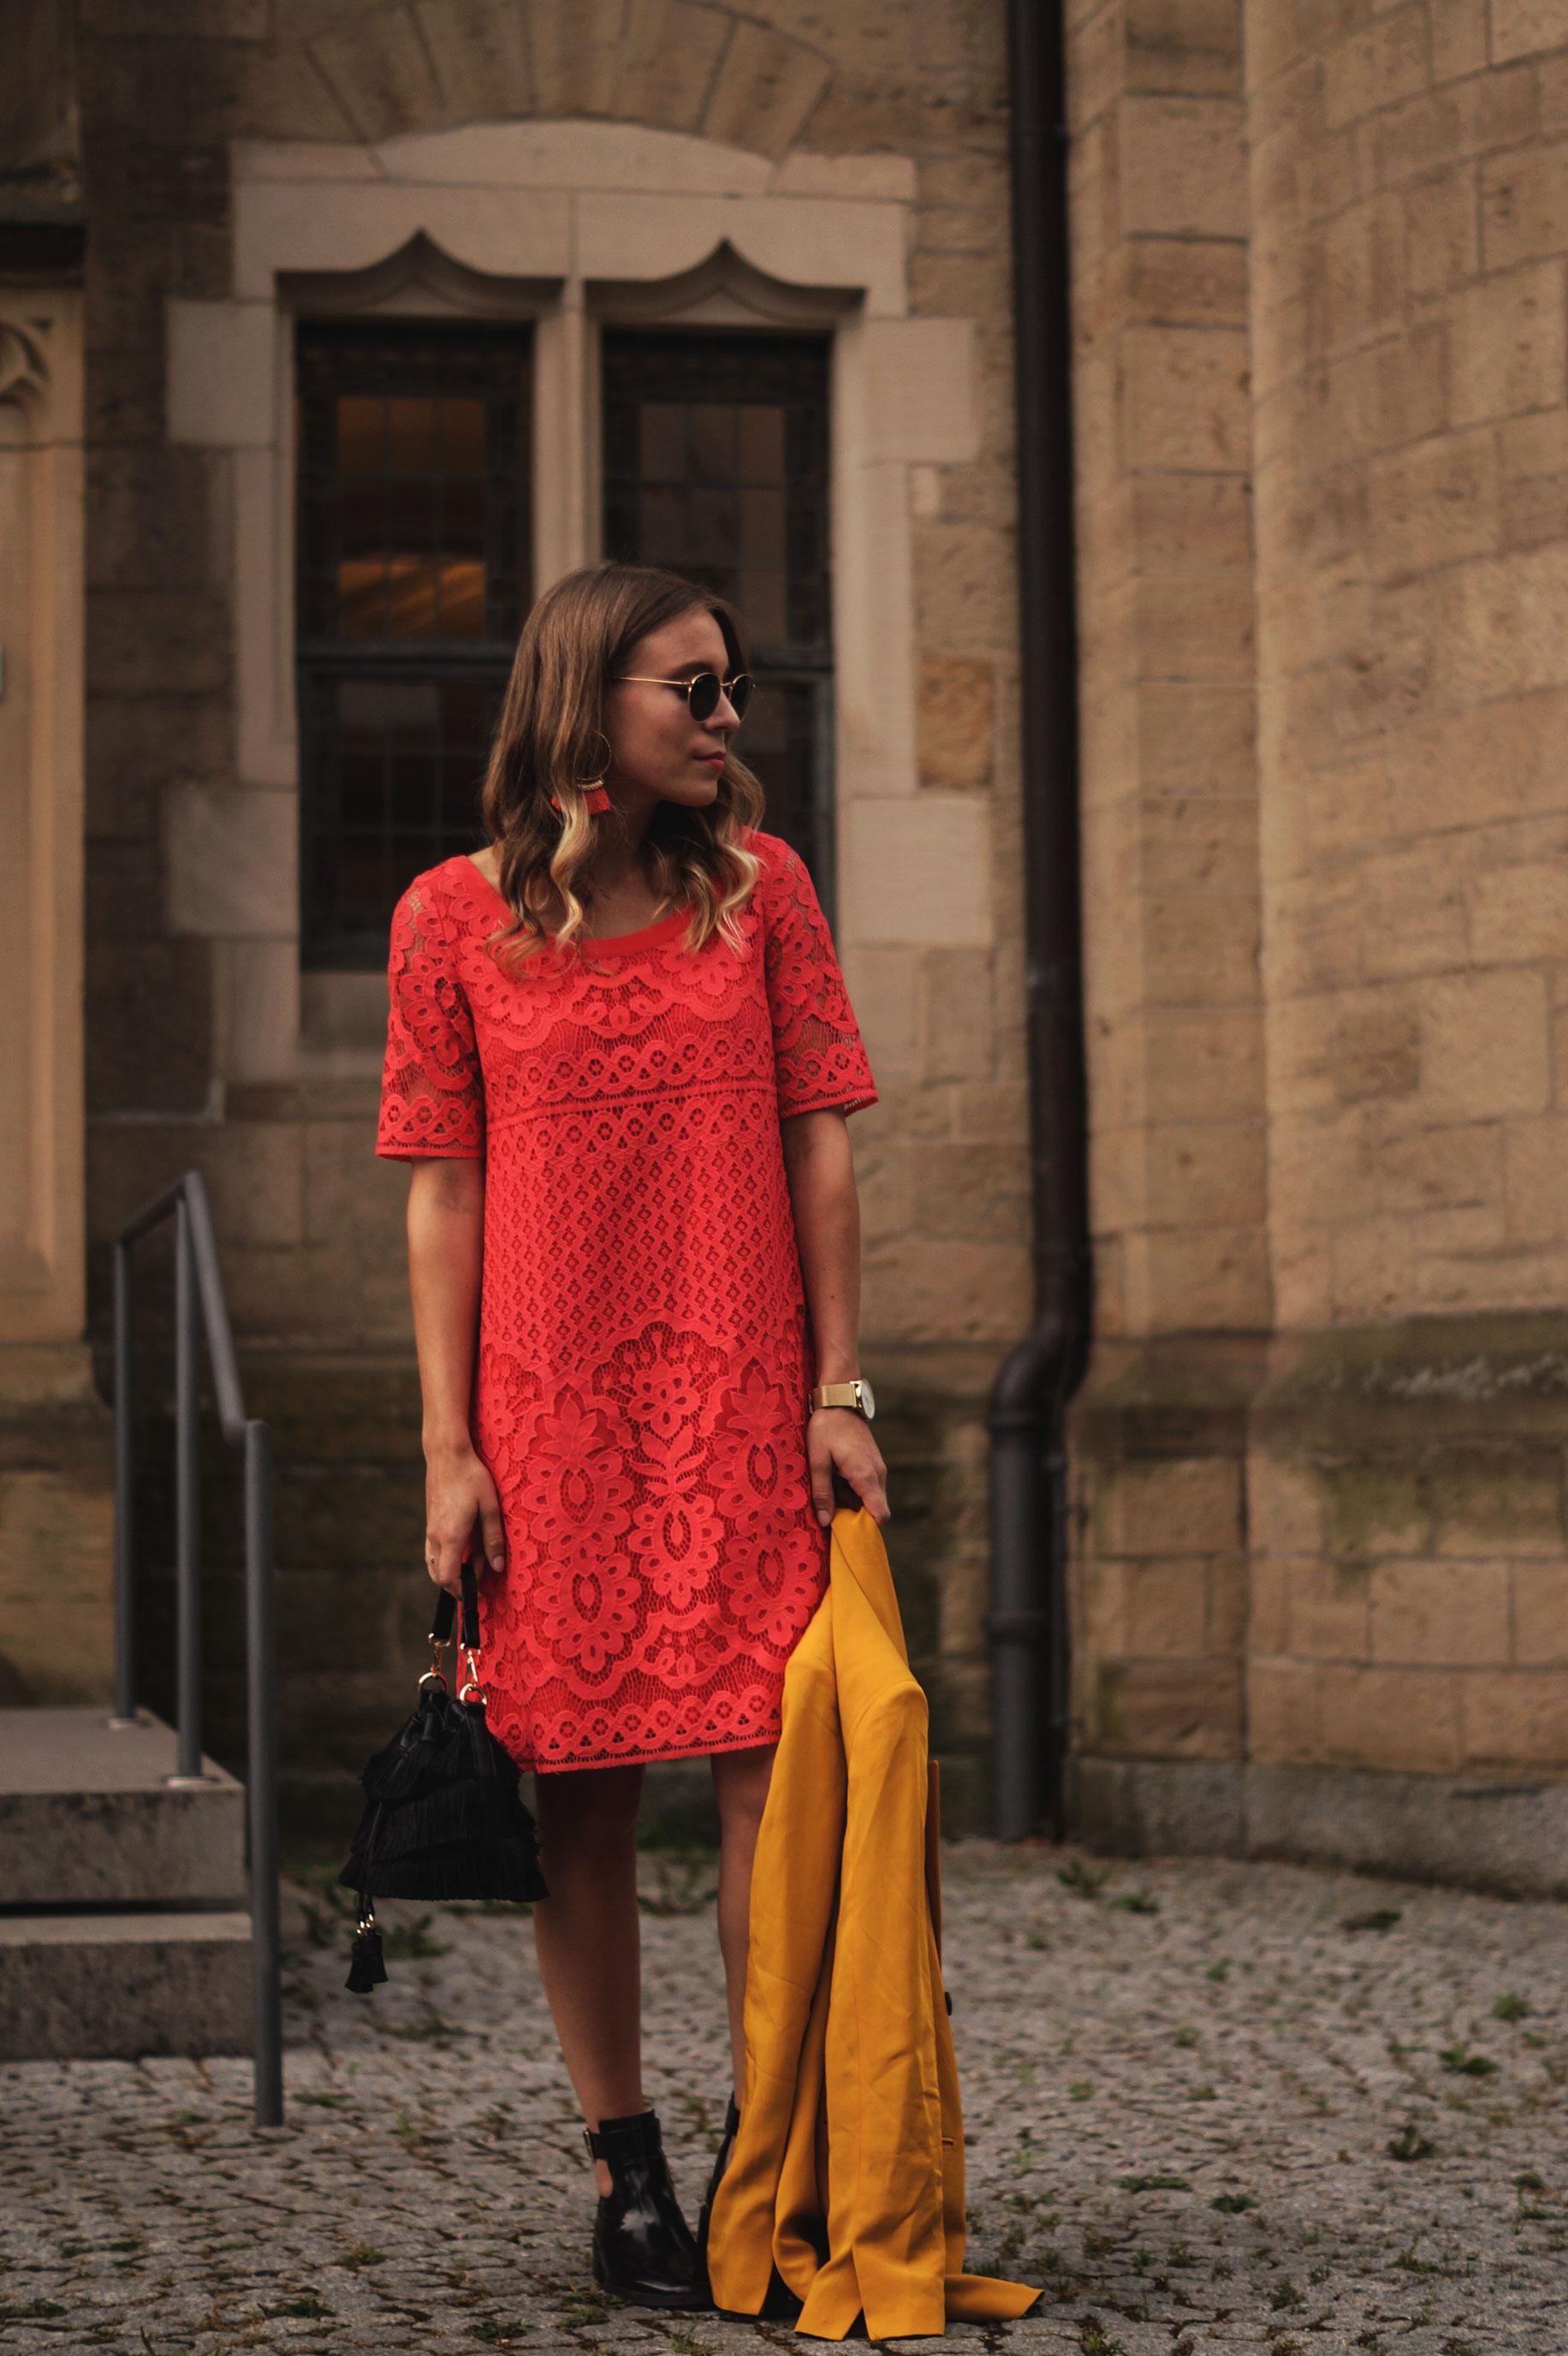 Modeblog Sariety Riani Dress Fashion Week Berlin Spitzenkleid gelber Blazer yellow Jacket Fiesta Rianista Color Blocking Fashionblogger_3